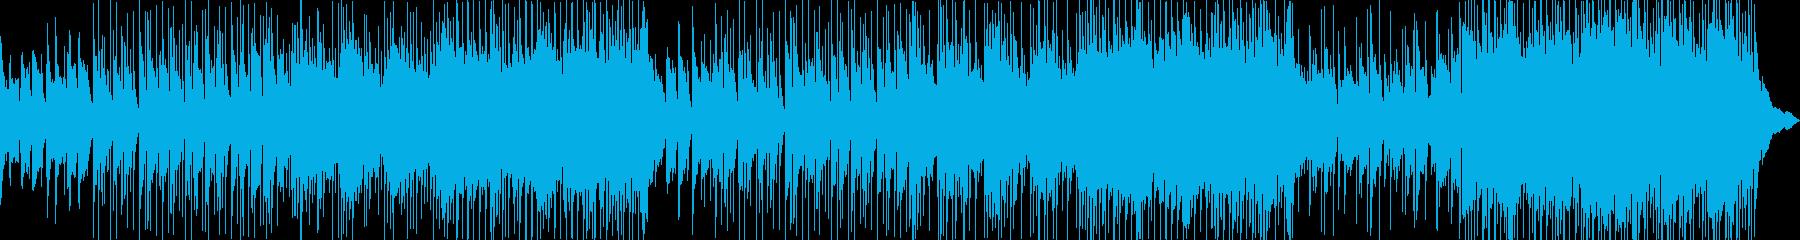 楽観的で前向きなエキサイティングメロディの再生済みの波形